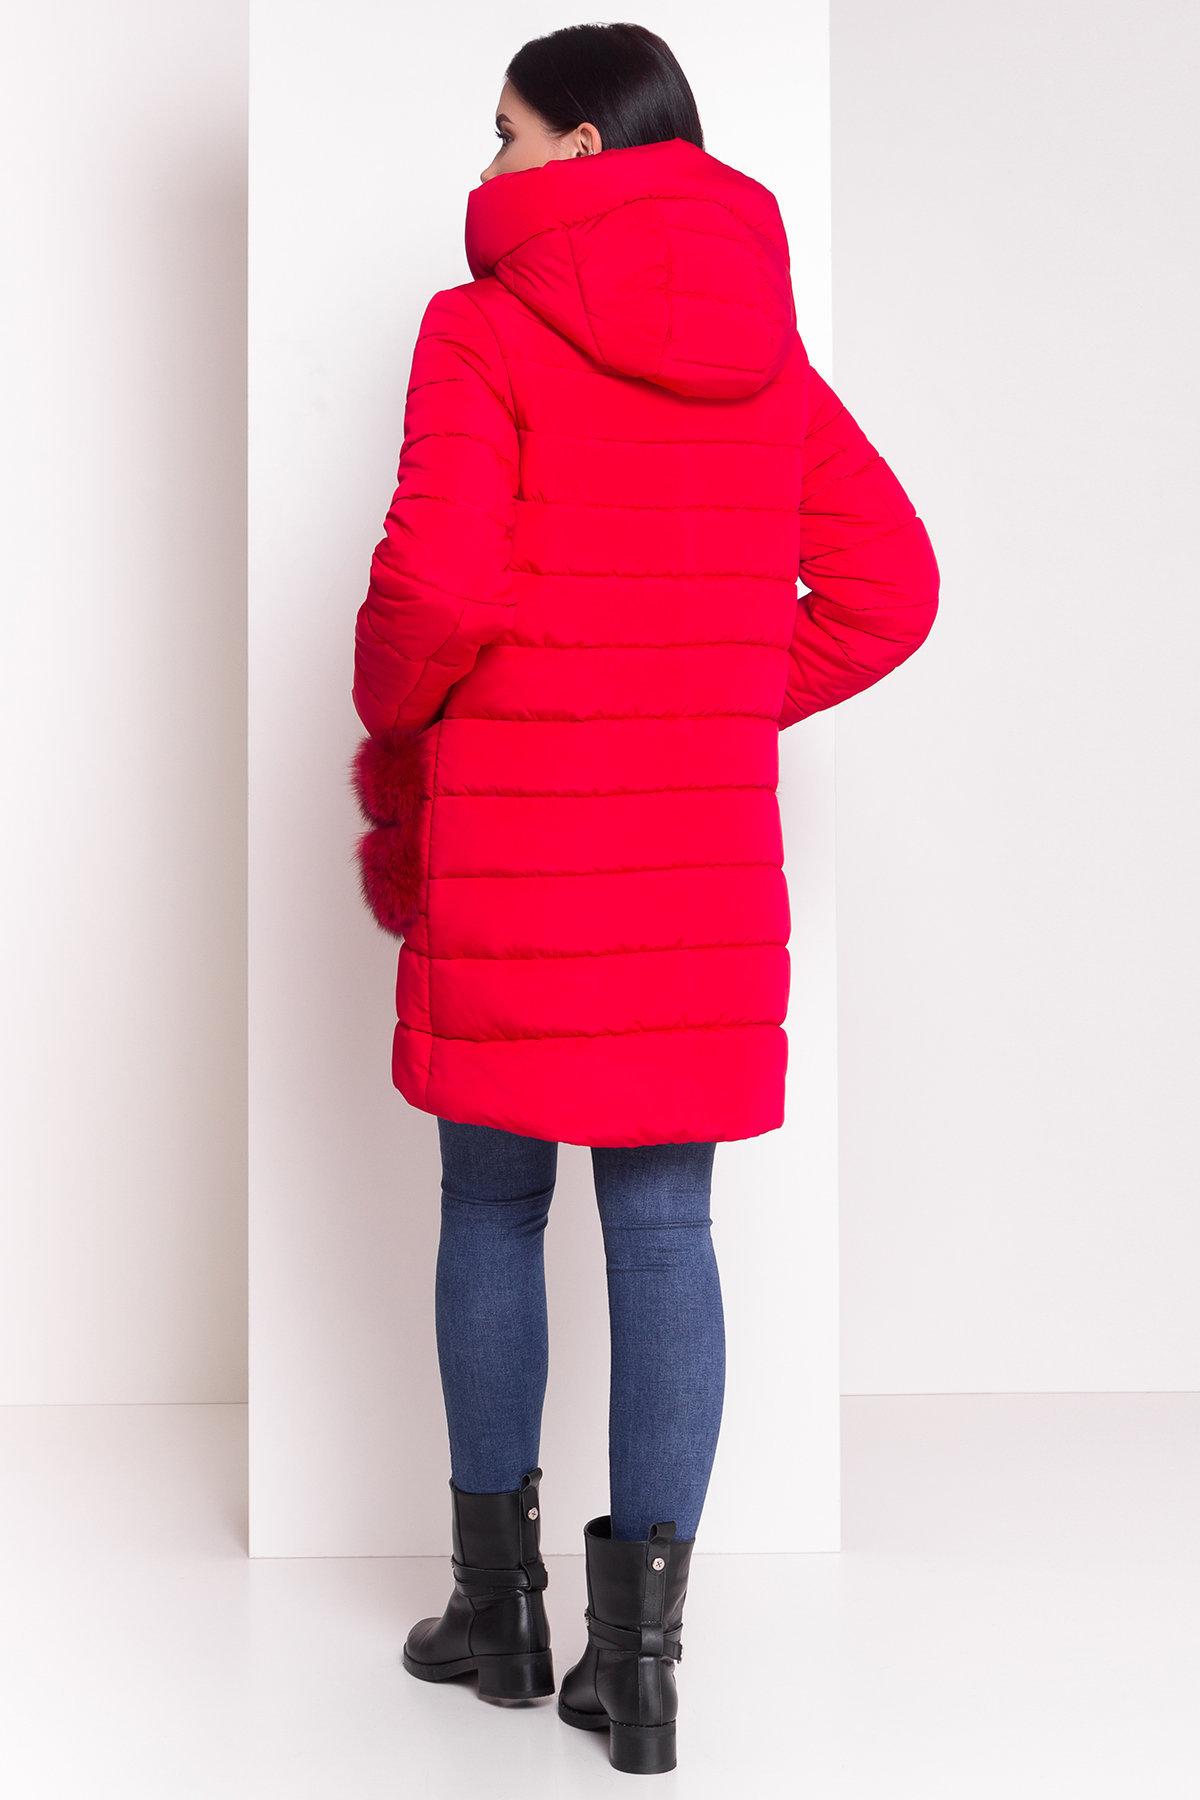 Зимний пуховик прямого кроя Лили Канада 8363 АРТ. 44554 Цвет: Красный - фото 3, интернет магазин tm-modus.ru